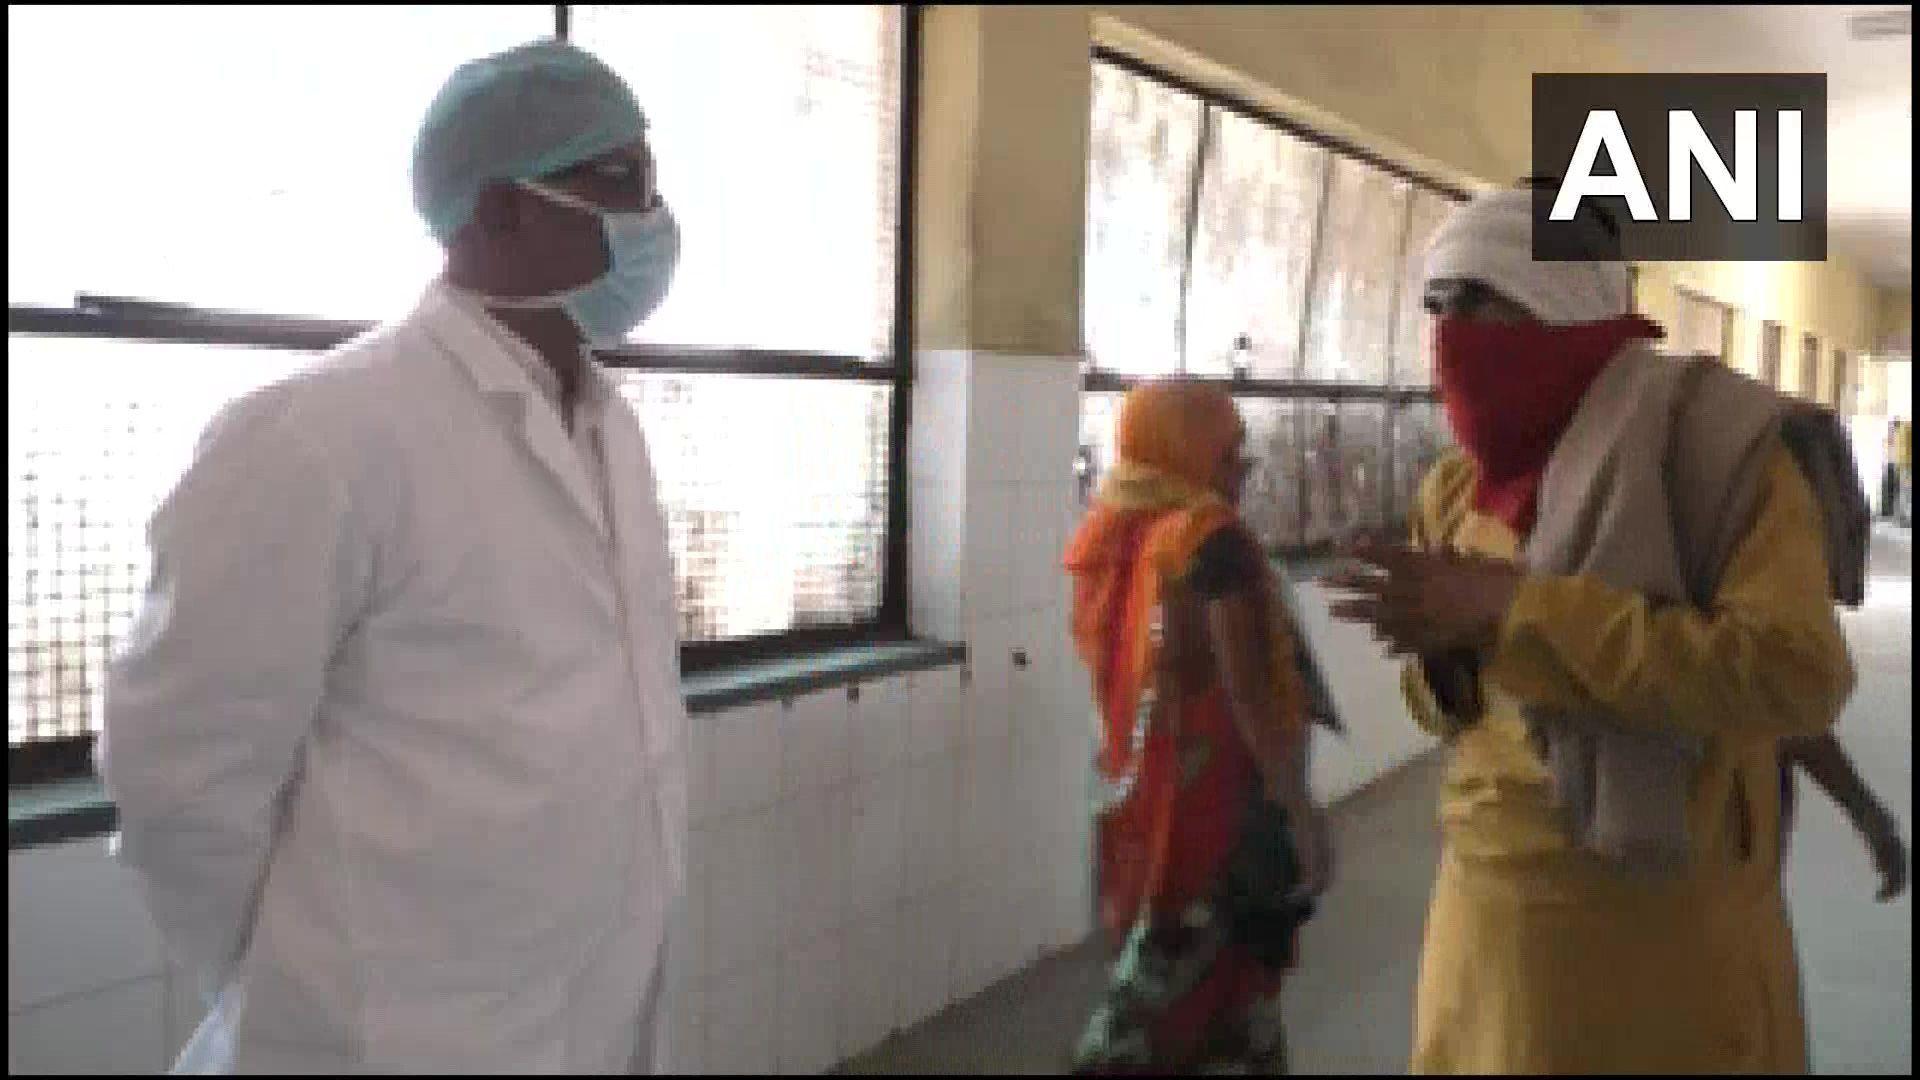 भरतपुर: सरकारी अस्पताल में गर्भवती मुस्लिम महिला को भर्ती करने से किया मना, नवजात की मौत, मंत्री ने कही ये बात